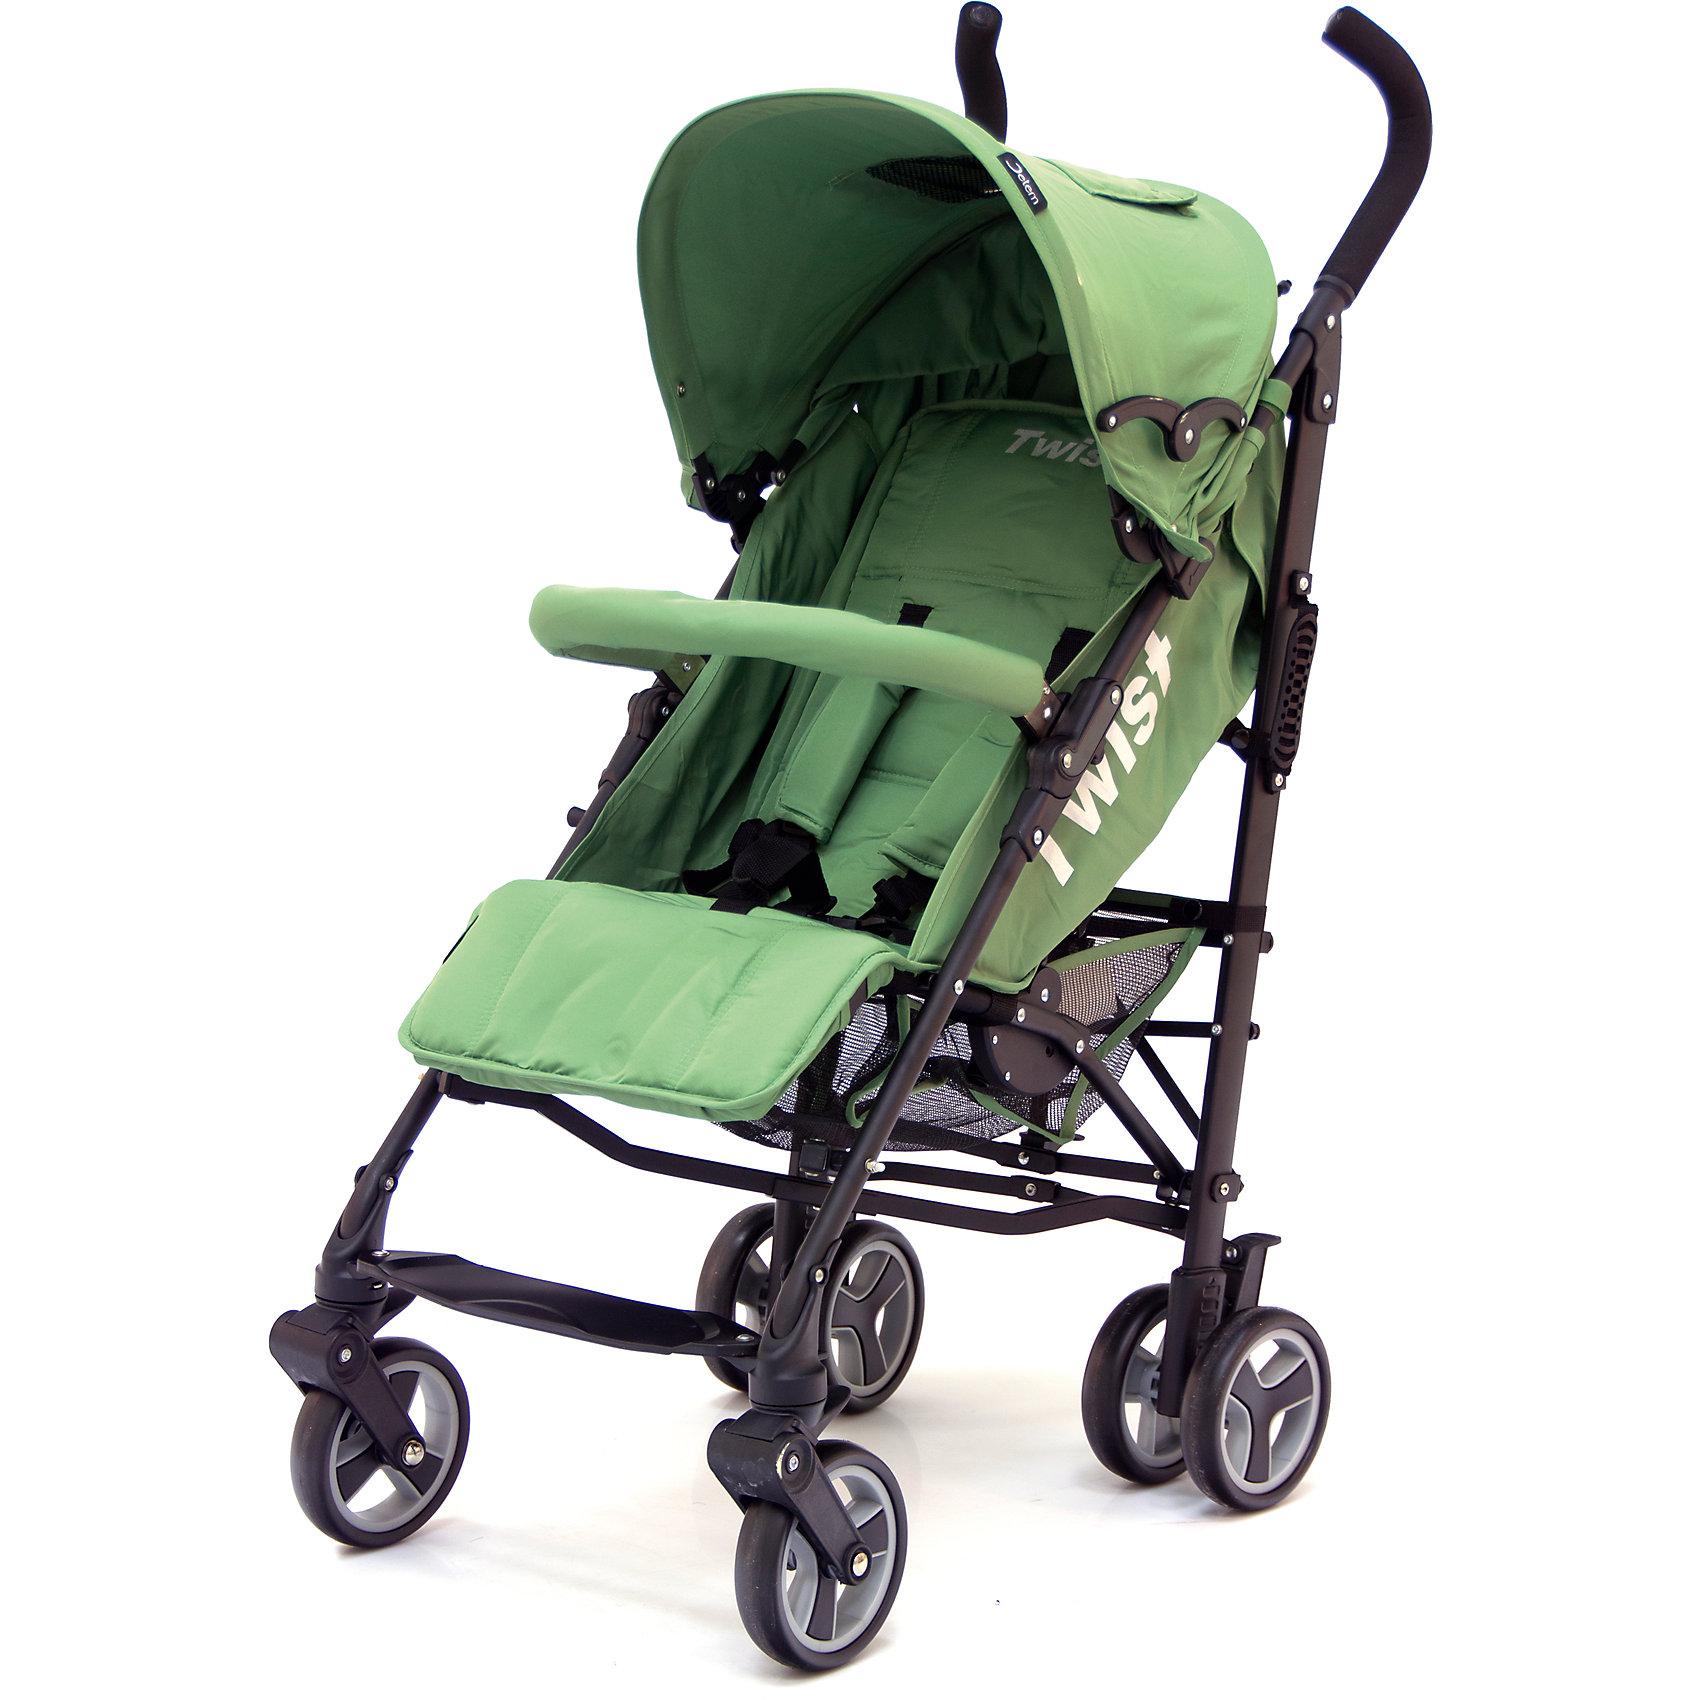 Коляска-трость Jetem Twist, PistacioНедорогие коляски<br>Стильная и современная Коляска-трость Twist (Твист), Jetem (Жэтэм), Pistacio (фисташковый) представляет собой легкую, маневренную коляску для активных родителей и их детей. Данная модель имеет просторное посадочное место, благодаря чему ребенку будет в ней комфортно и свободно! Спинка и подножка регулируются в 3 положениях, а большой капюшон со смотровым окошком может опускаться почти до бампера, что позволит крохе поспать в любую погоду. Маневренность и плавность хода коляске придают поворотные передние колеса, которые при необходимости можно зафиксировать. <br><br>Характеристики: <br>-Сезонность: летняя<br>-Тип: прогулочная<br>-Цвет: фисташковый<br>-Механизм складывания: трость <br>-Комфортное большое посадочное и спальное место<br>-Съемный бампер с мягкой обивкой<br>-Регулируемый наклон спинки (3 положения)<br>-Встроенные ремни безопасности<br>-Регулируемая подножка (3 положения)<br>-Передние колеса поворотные с возможностью фиксации<br>-Задние колеса сдвоенные<br>-Ножной тормоз на задней оси<br>-Большой опускающийся до бампера капюшон со смотровым окошком<br>-Встроенные 5-титочечные ремни безопасности с мягкими плечевыми накладками<br>-Облегченная рама из алюминиевого профиля<br><br>Комплектация: чехол на ножки, дождевик, корзина для покупок<br><br>Дополнительная информация:<br>-Диаметр колес: 12 см <br>-Материалы: плотная резина, текстиль, алюминий<br>-Вес: 9 кг <br>-Размеры: 50х40х90 см <br>-Размер спального места: 29х20х40 см<br>-Ширина шасси: 50 см<br><br>Коляска-трость Twist (Твист), Jetem (Жэтэм), Pistacio (фисташковый) – это современная, стильная модель, которая сочетает в себе качество, комфорт и безопасность!<br><br>Коляска-трость Twist (Твист), Jetem (Жэтэм), Pistacio (фисташковый) можно купить в нашем магазине.<br><br>Ширина мм: 980<br>Глубина мм: 250<br>Высота мм: 230<br>Вес г: 10000<br>Возраст от месяцев: 6<br>Возраст до месяцев: 36<br>Пол: Унисекс<br>Возраст: Детский<br>SKU: 4125362